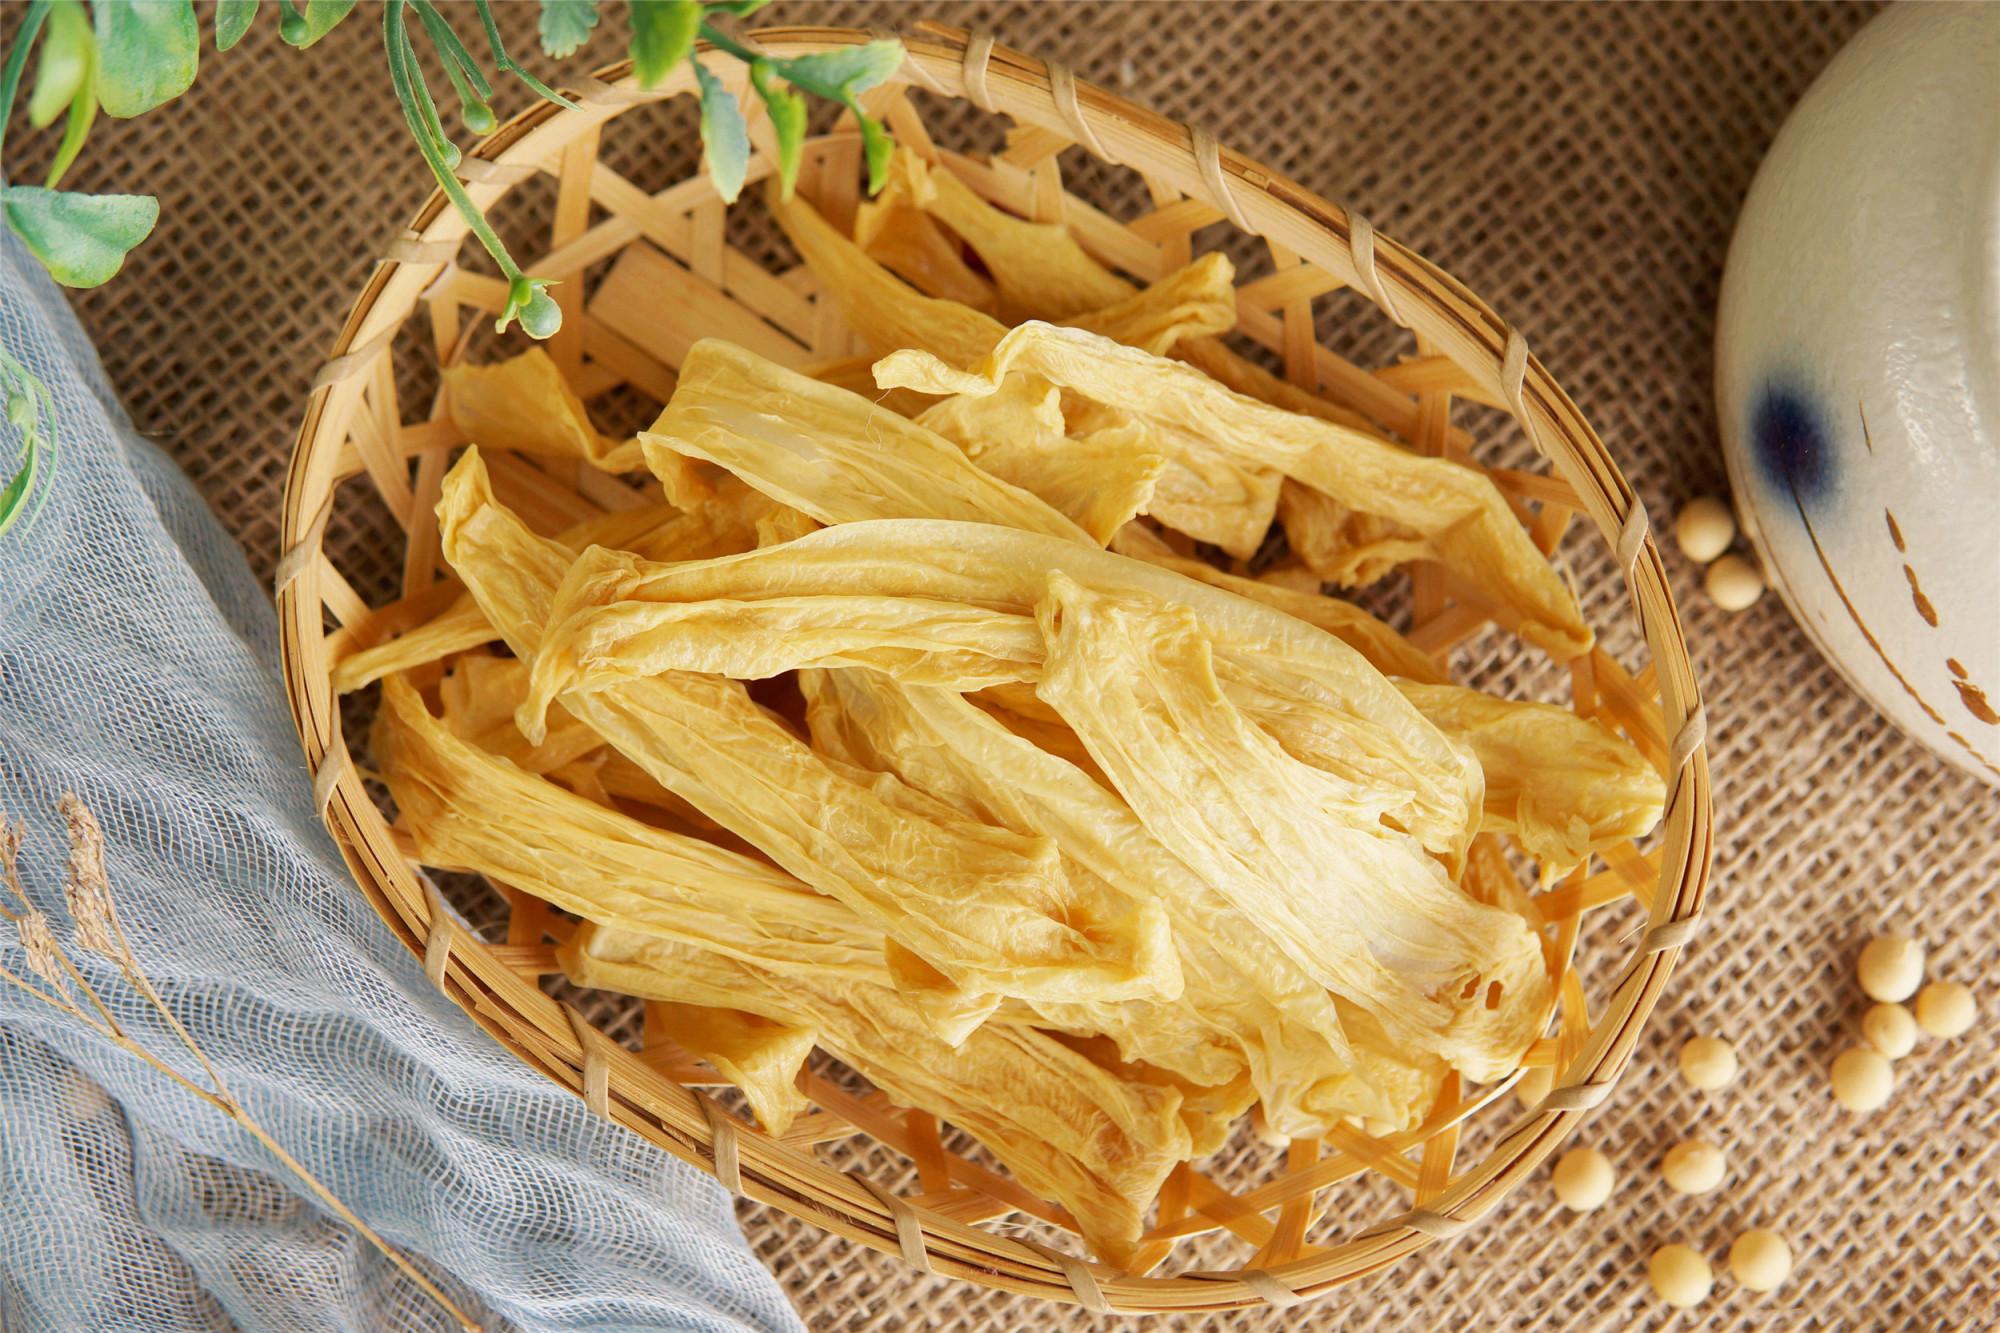 1斤黄豆,1口锅,在家自制腐竹,味道香又筋道,大人孩子放心吃